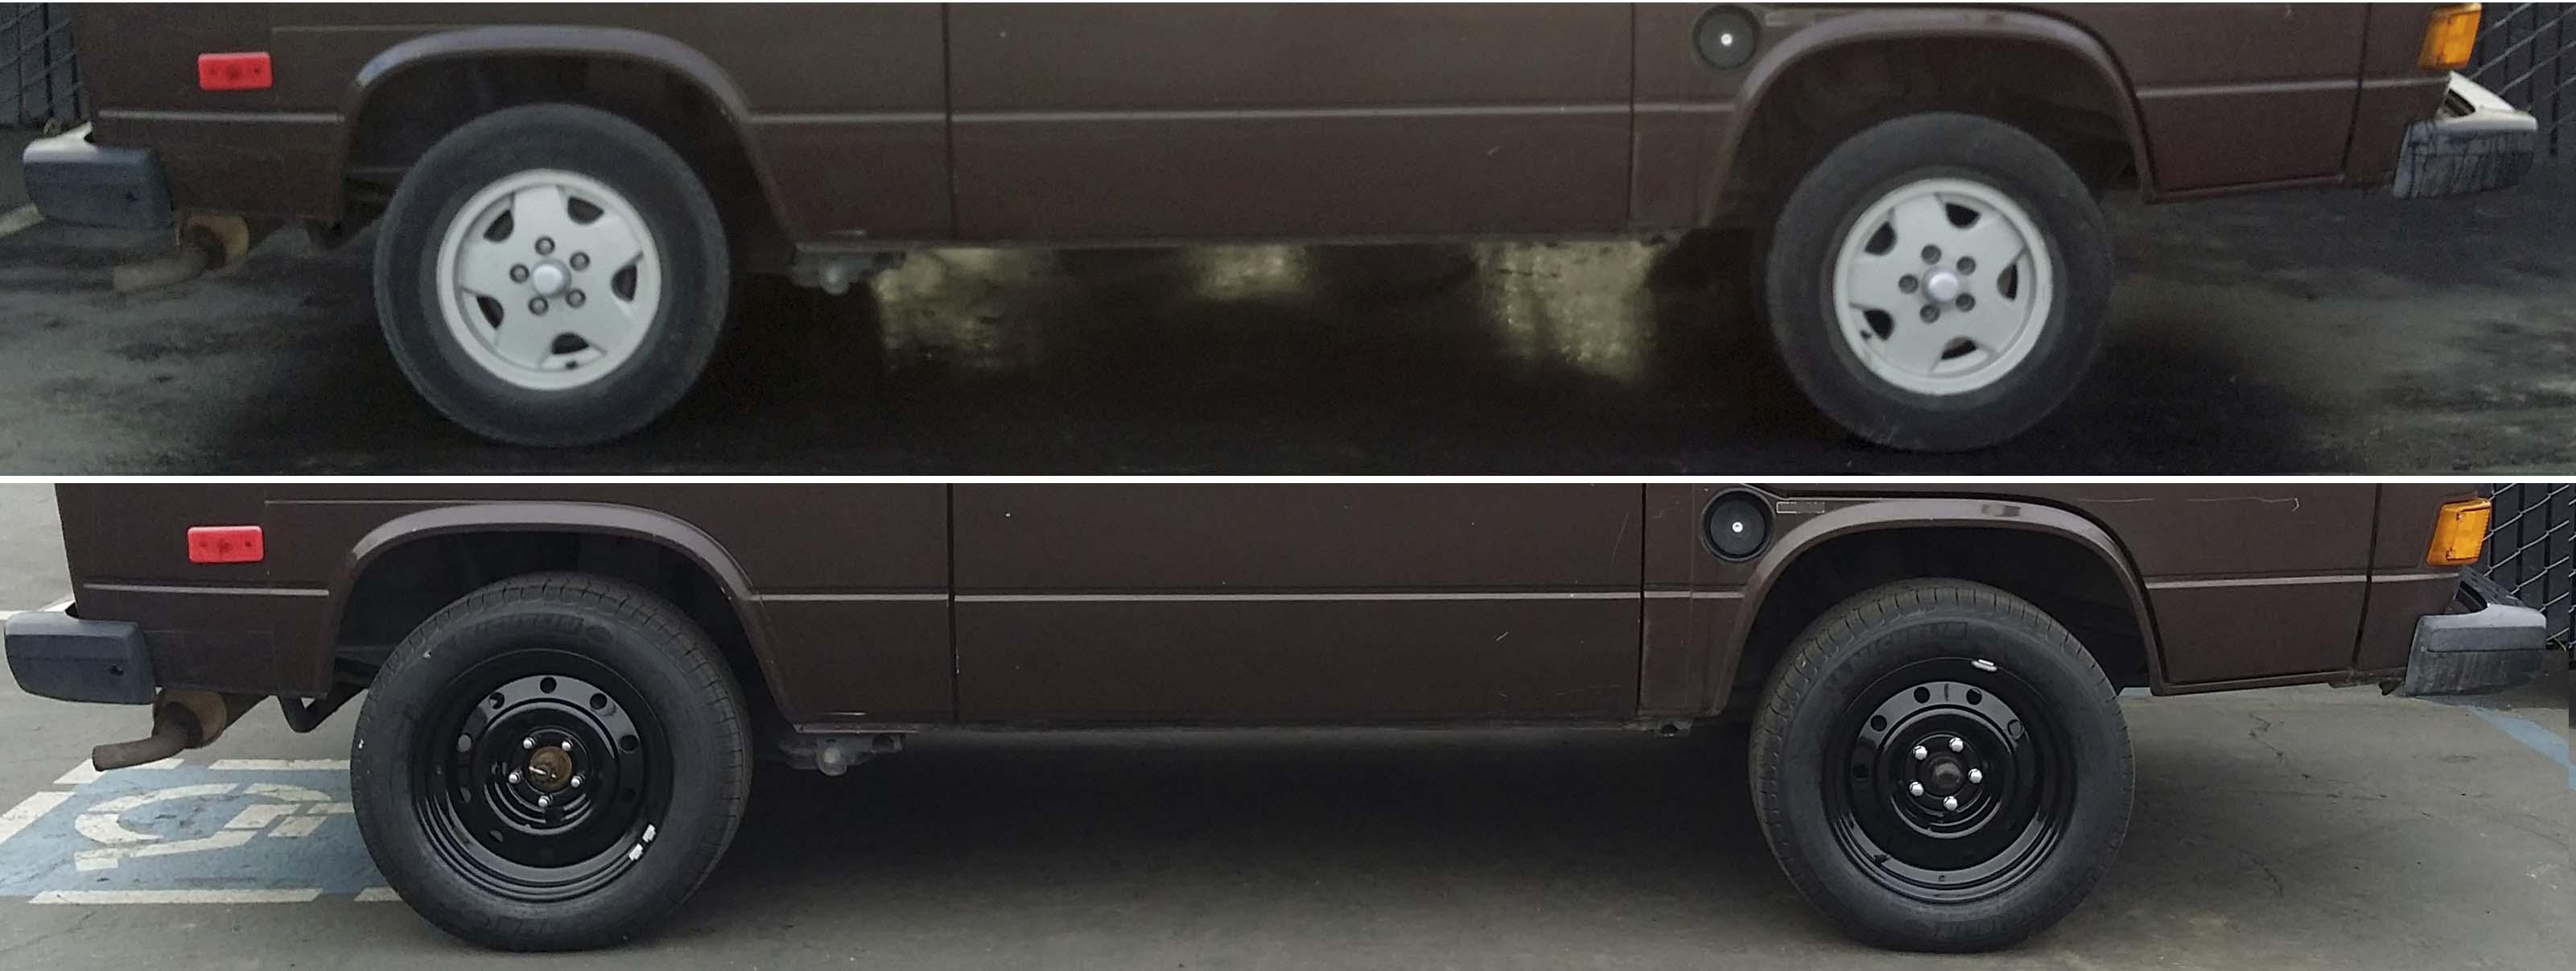 14in vanagon wheels vs 16in vanagon wheels